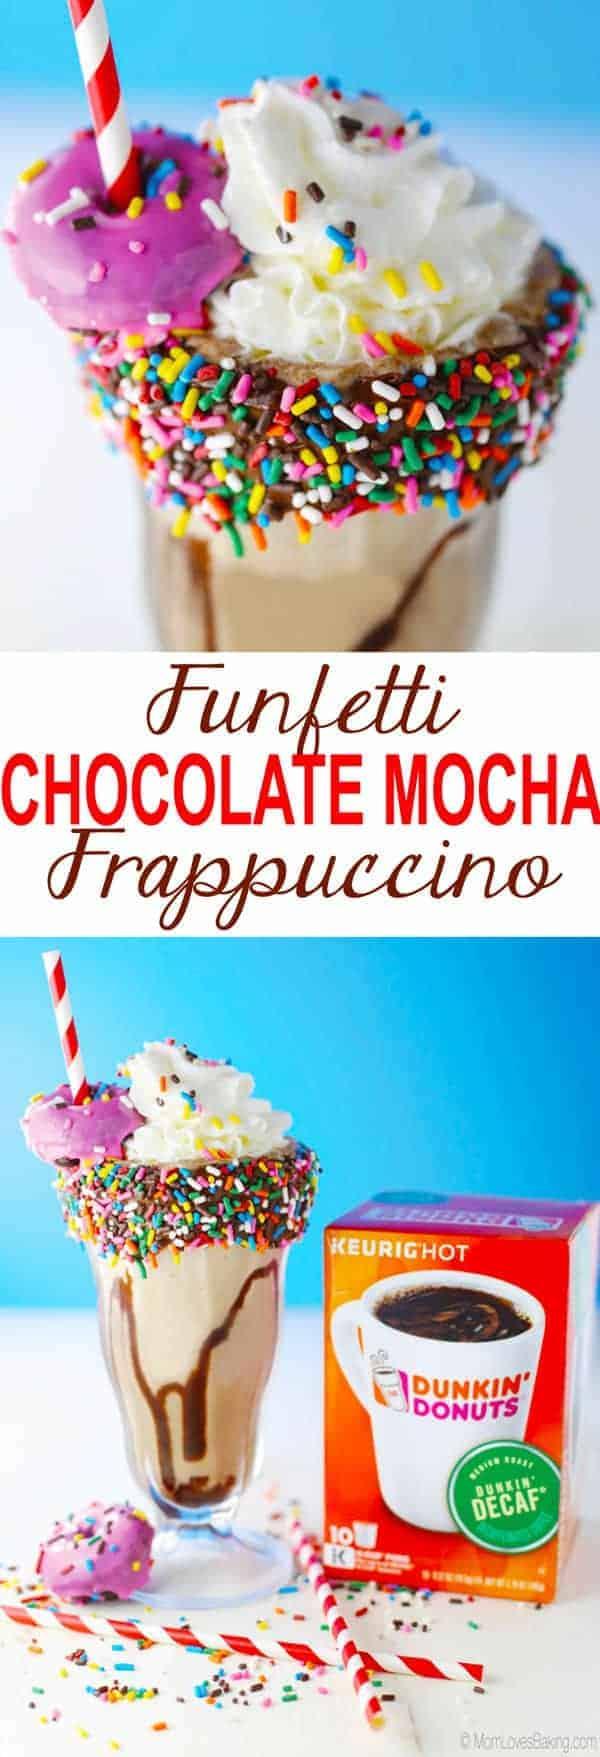 Funfetti Chocolate Mocha Frappuccino